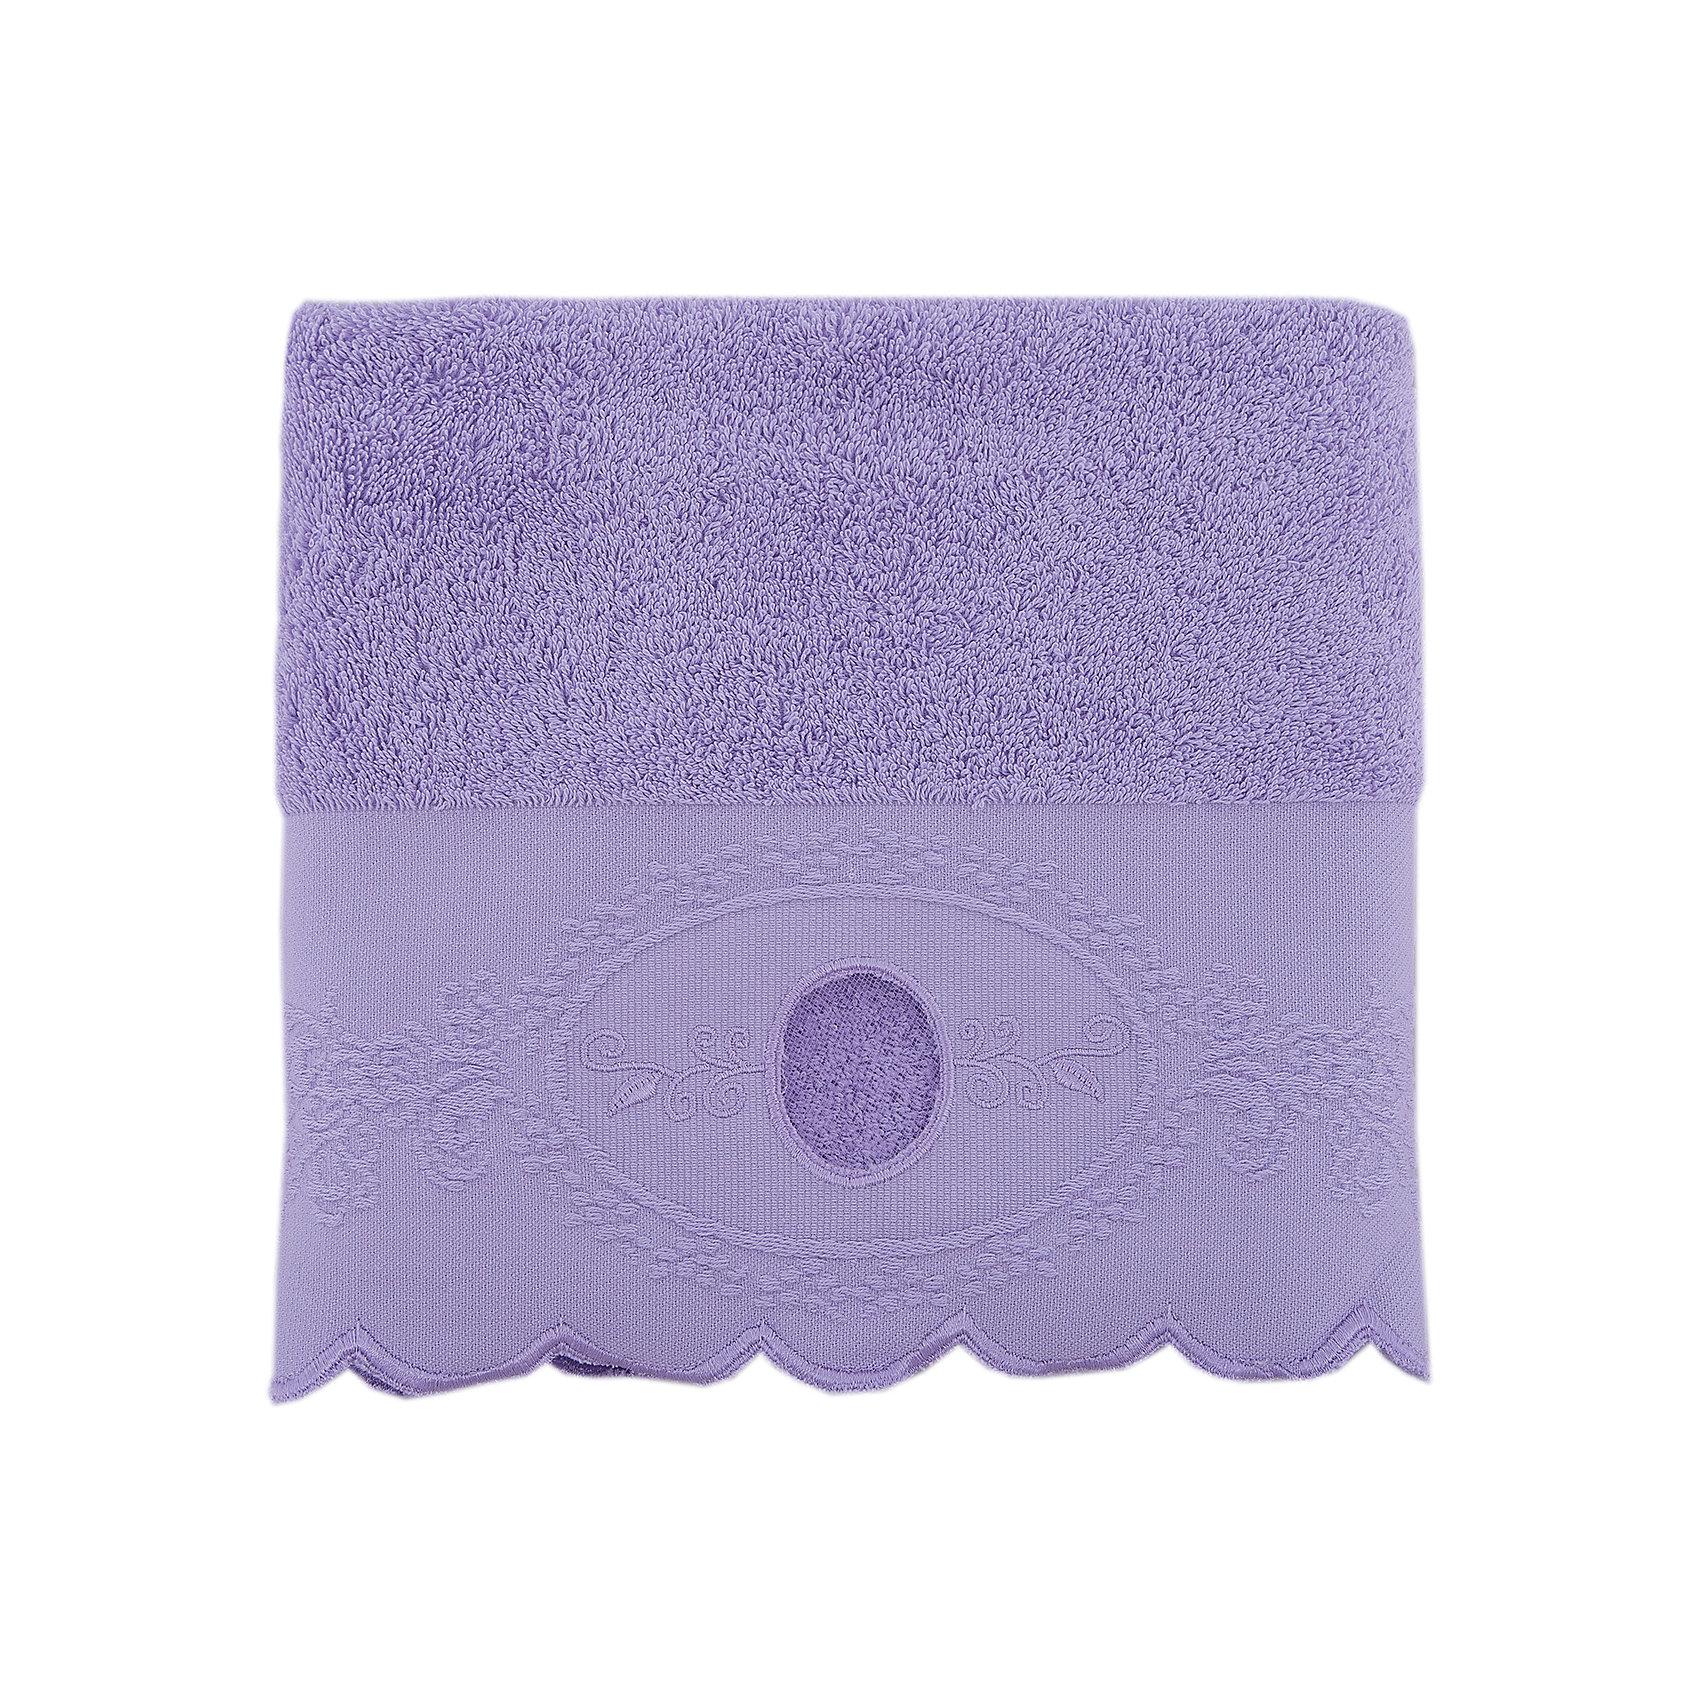 Полотенце махровое 50*90 Жаклин, Cozy Home, лиловыйВанная комната<br>Полотенце махровое 50*90 Жаклин, Cozy Home (Кози Хоум), лиловый<br><br>Характеристики:<br><br>• хорошо впитывает влагу<br>• изысканный дизайн<br>• материал: хлопок<br>• размер: 50х90 см<br>• цвет: лиловый<br><br>Махровое полотенце от Cozy Home порадует вас своей мягкостью и прочностью. Оно изготовлено из качественного хлопка. Как известно, хлопок - гипоаллергенный материал, приятный телу. Он не теряет свою форму, практически не мнется и даже обладает антибактериальными свойствами. Полотенца из хлопка хорошо впитывают влагу, обладая высокой гигроскопичностью. Полотенце дополнено волнистым узором, вышивкой по краю и отлично подойдет к любому интерьеру ванной комнаты.<br><br>Полотенце махровое 50*90 Жаклин, Cozy Home (Кози Хоум), лиловый вы можете купить в нашем интернет-магазине.<br><br>Ширина мм: 150<br>Глубина мм: 250<br>Высота мм: 150<br>Вес г: 250<br>Возраст от месяцев: 0<br>Возраст до месяцев: 216<br>Пол: Женский<br>Возраст: Детский<br>SKU: 5355284